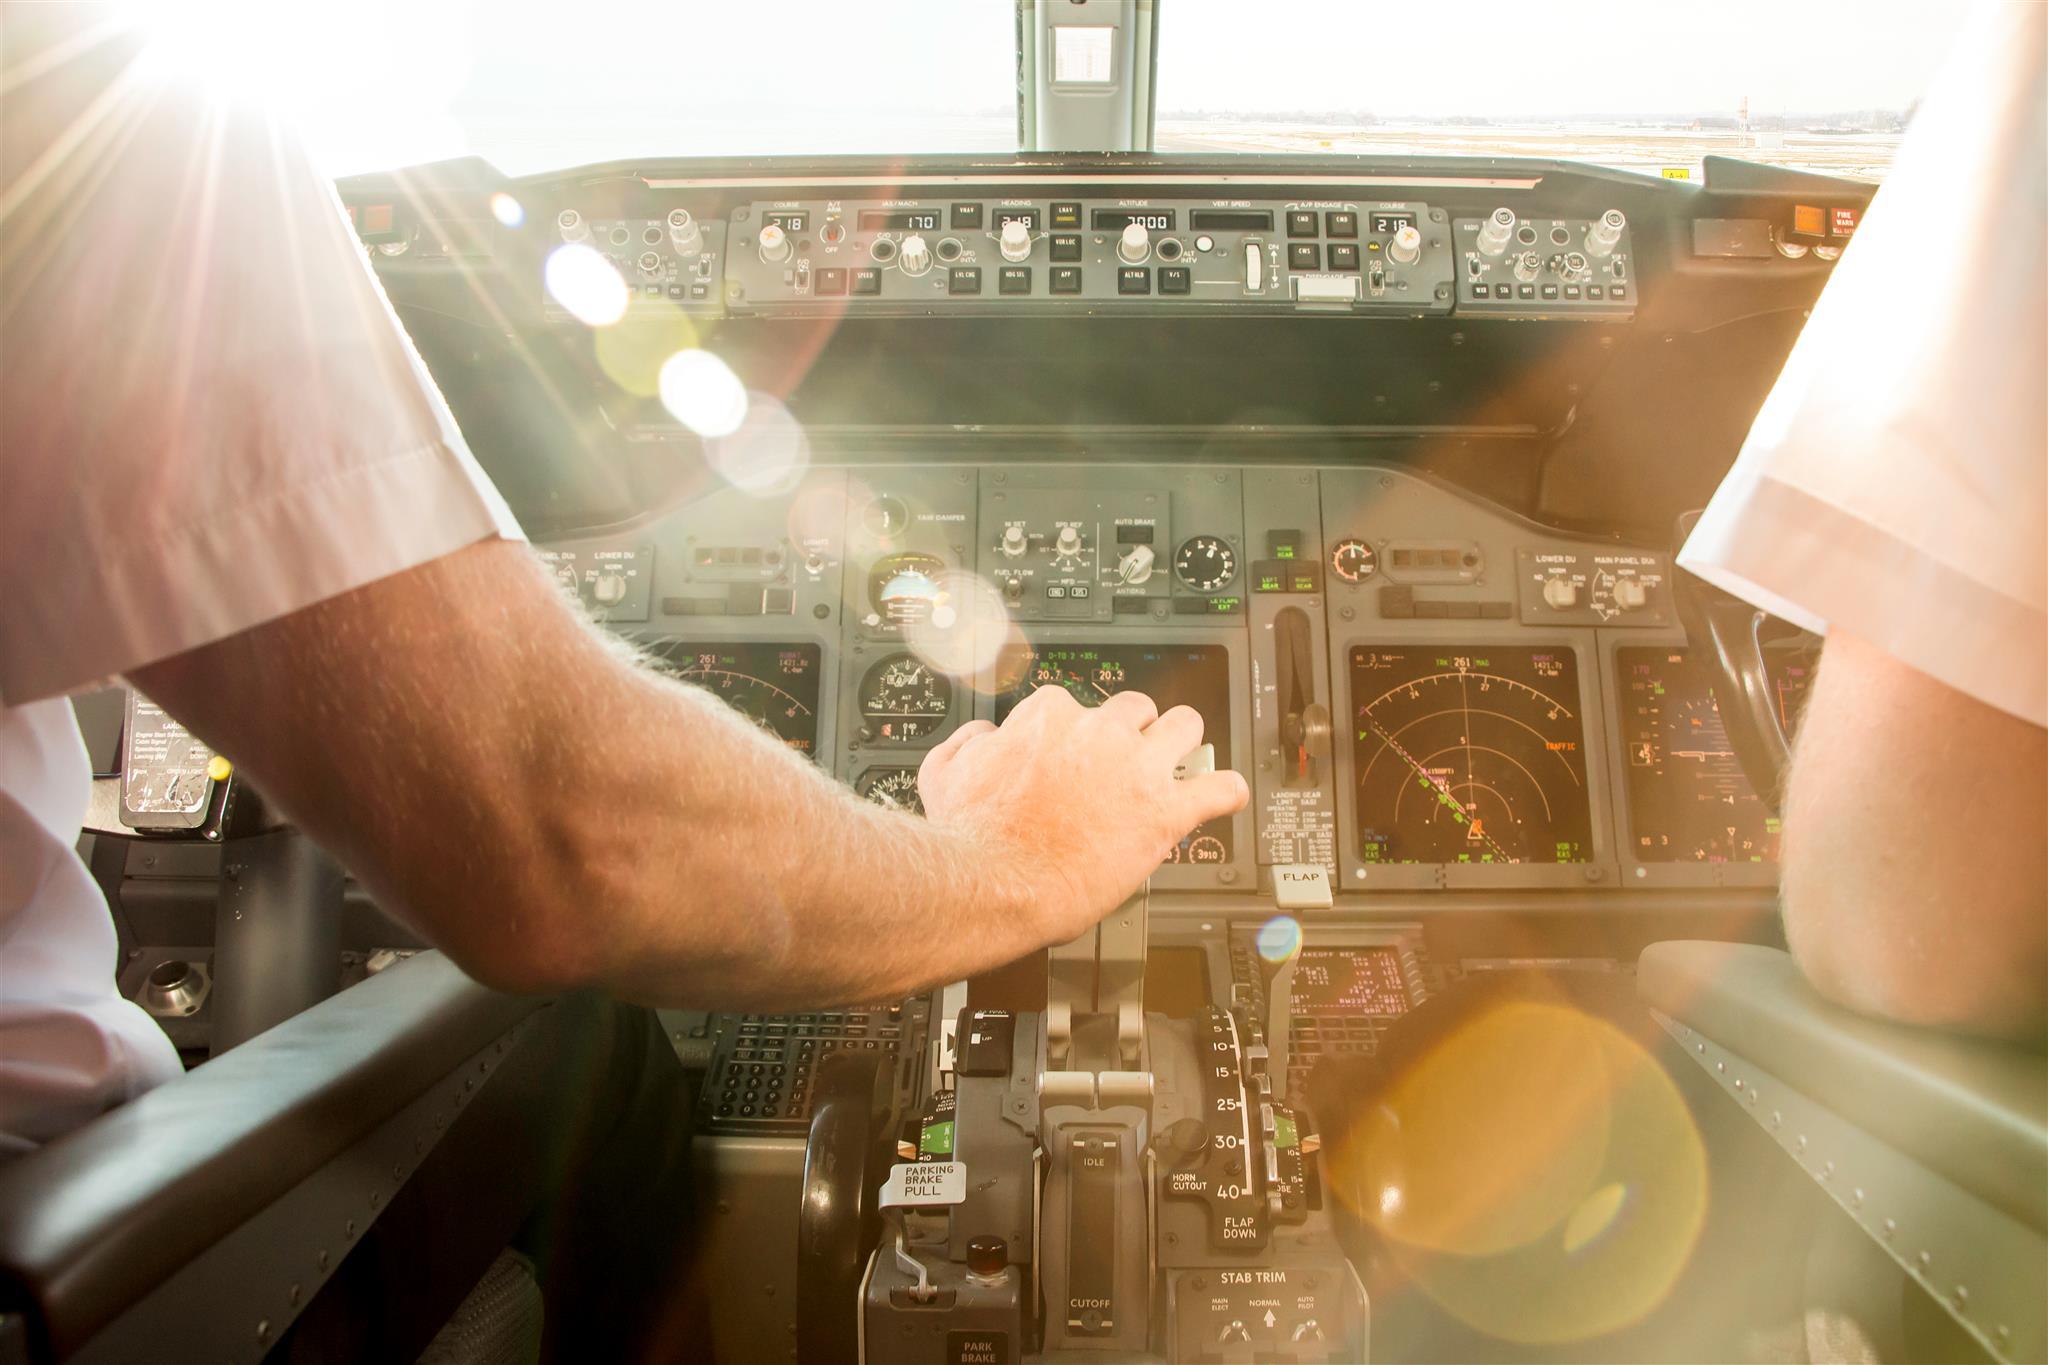 El origen del Crew Resource Management, la clave para mitigar errores aéreos